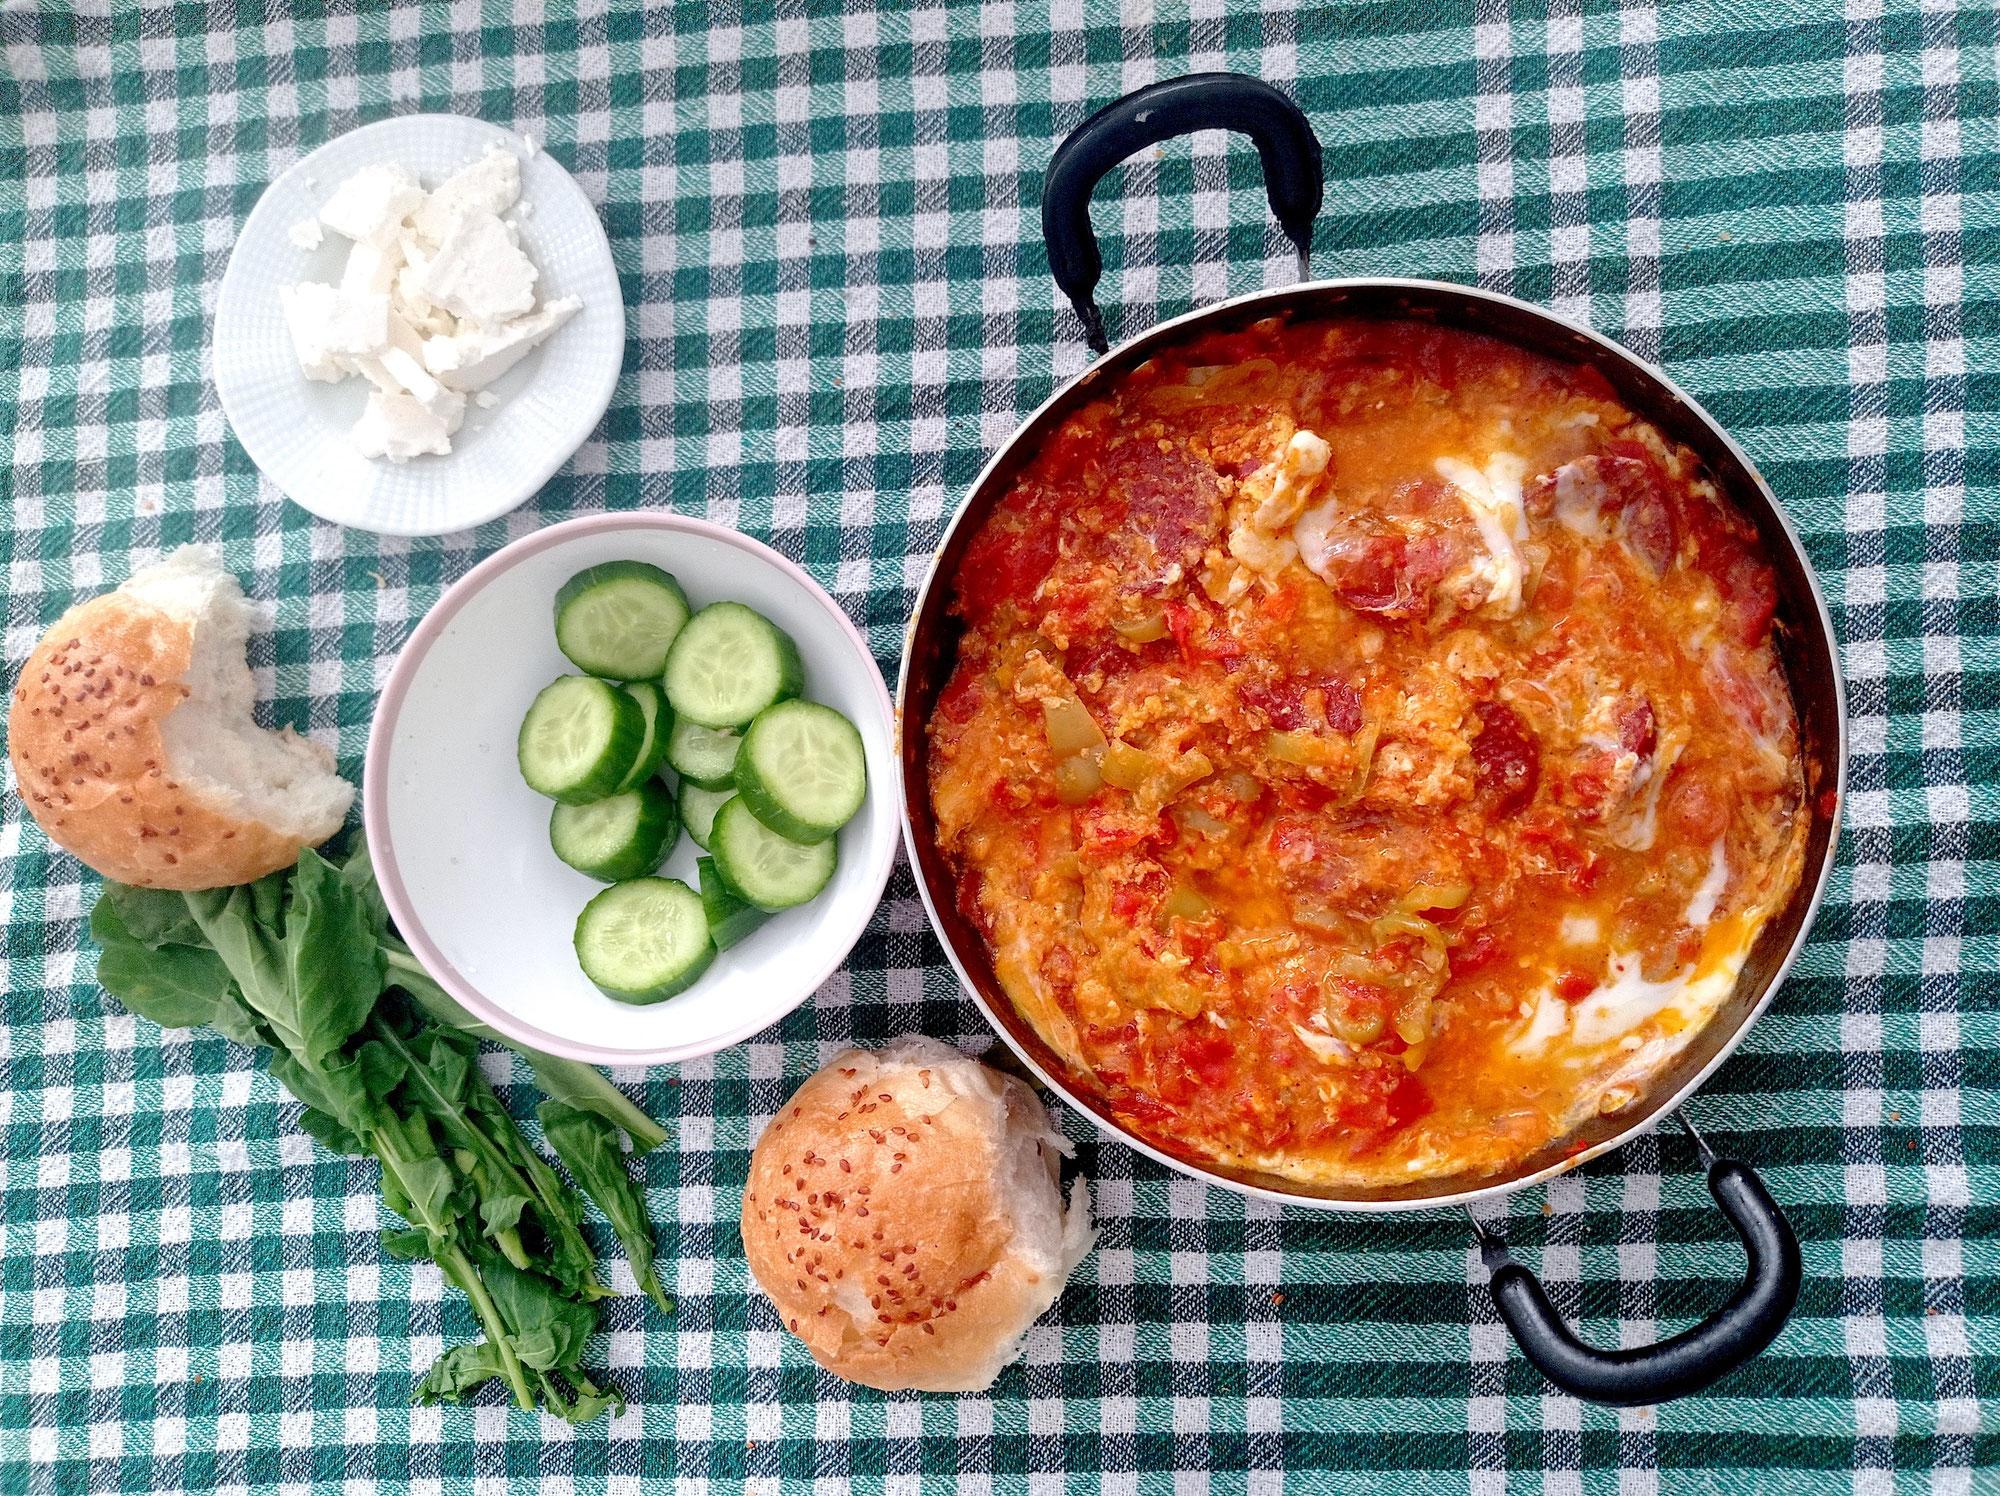 Menemen mit Sucuk: Rührei mit Tomate und Knoblauchwurst